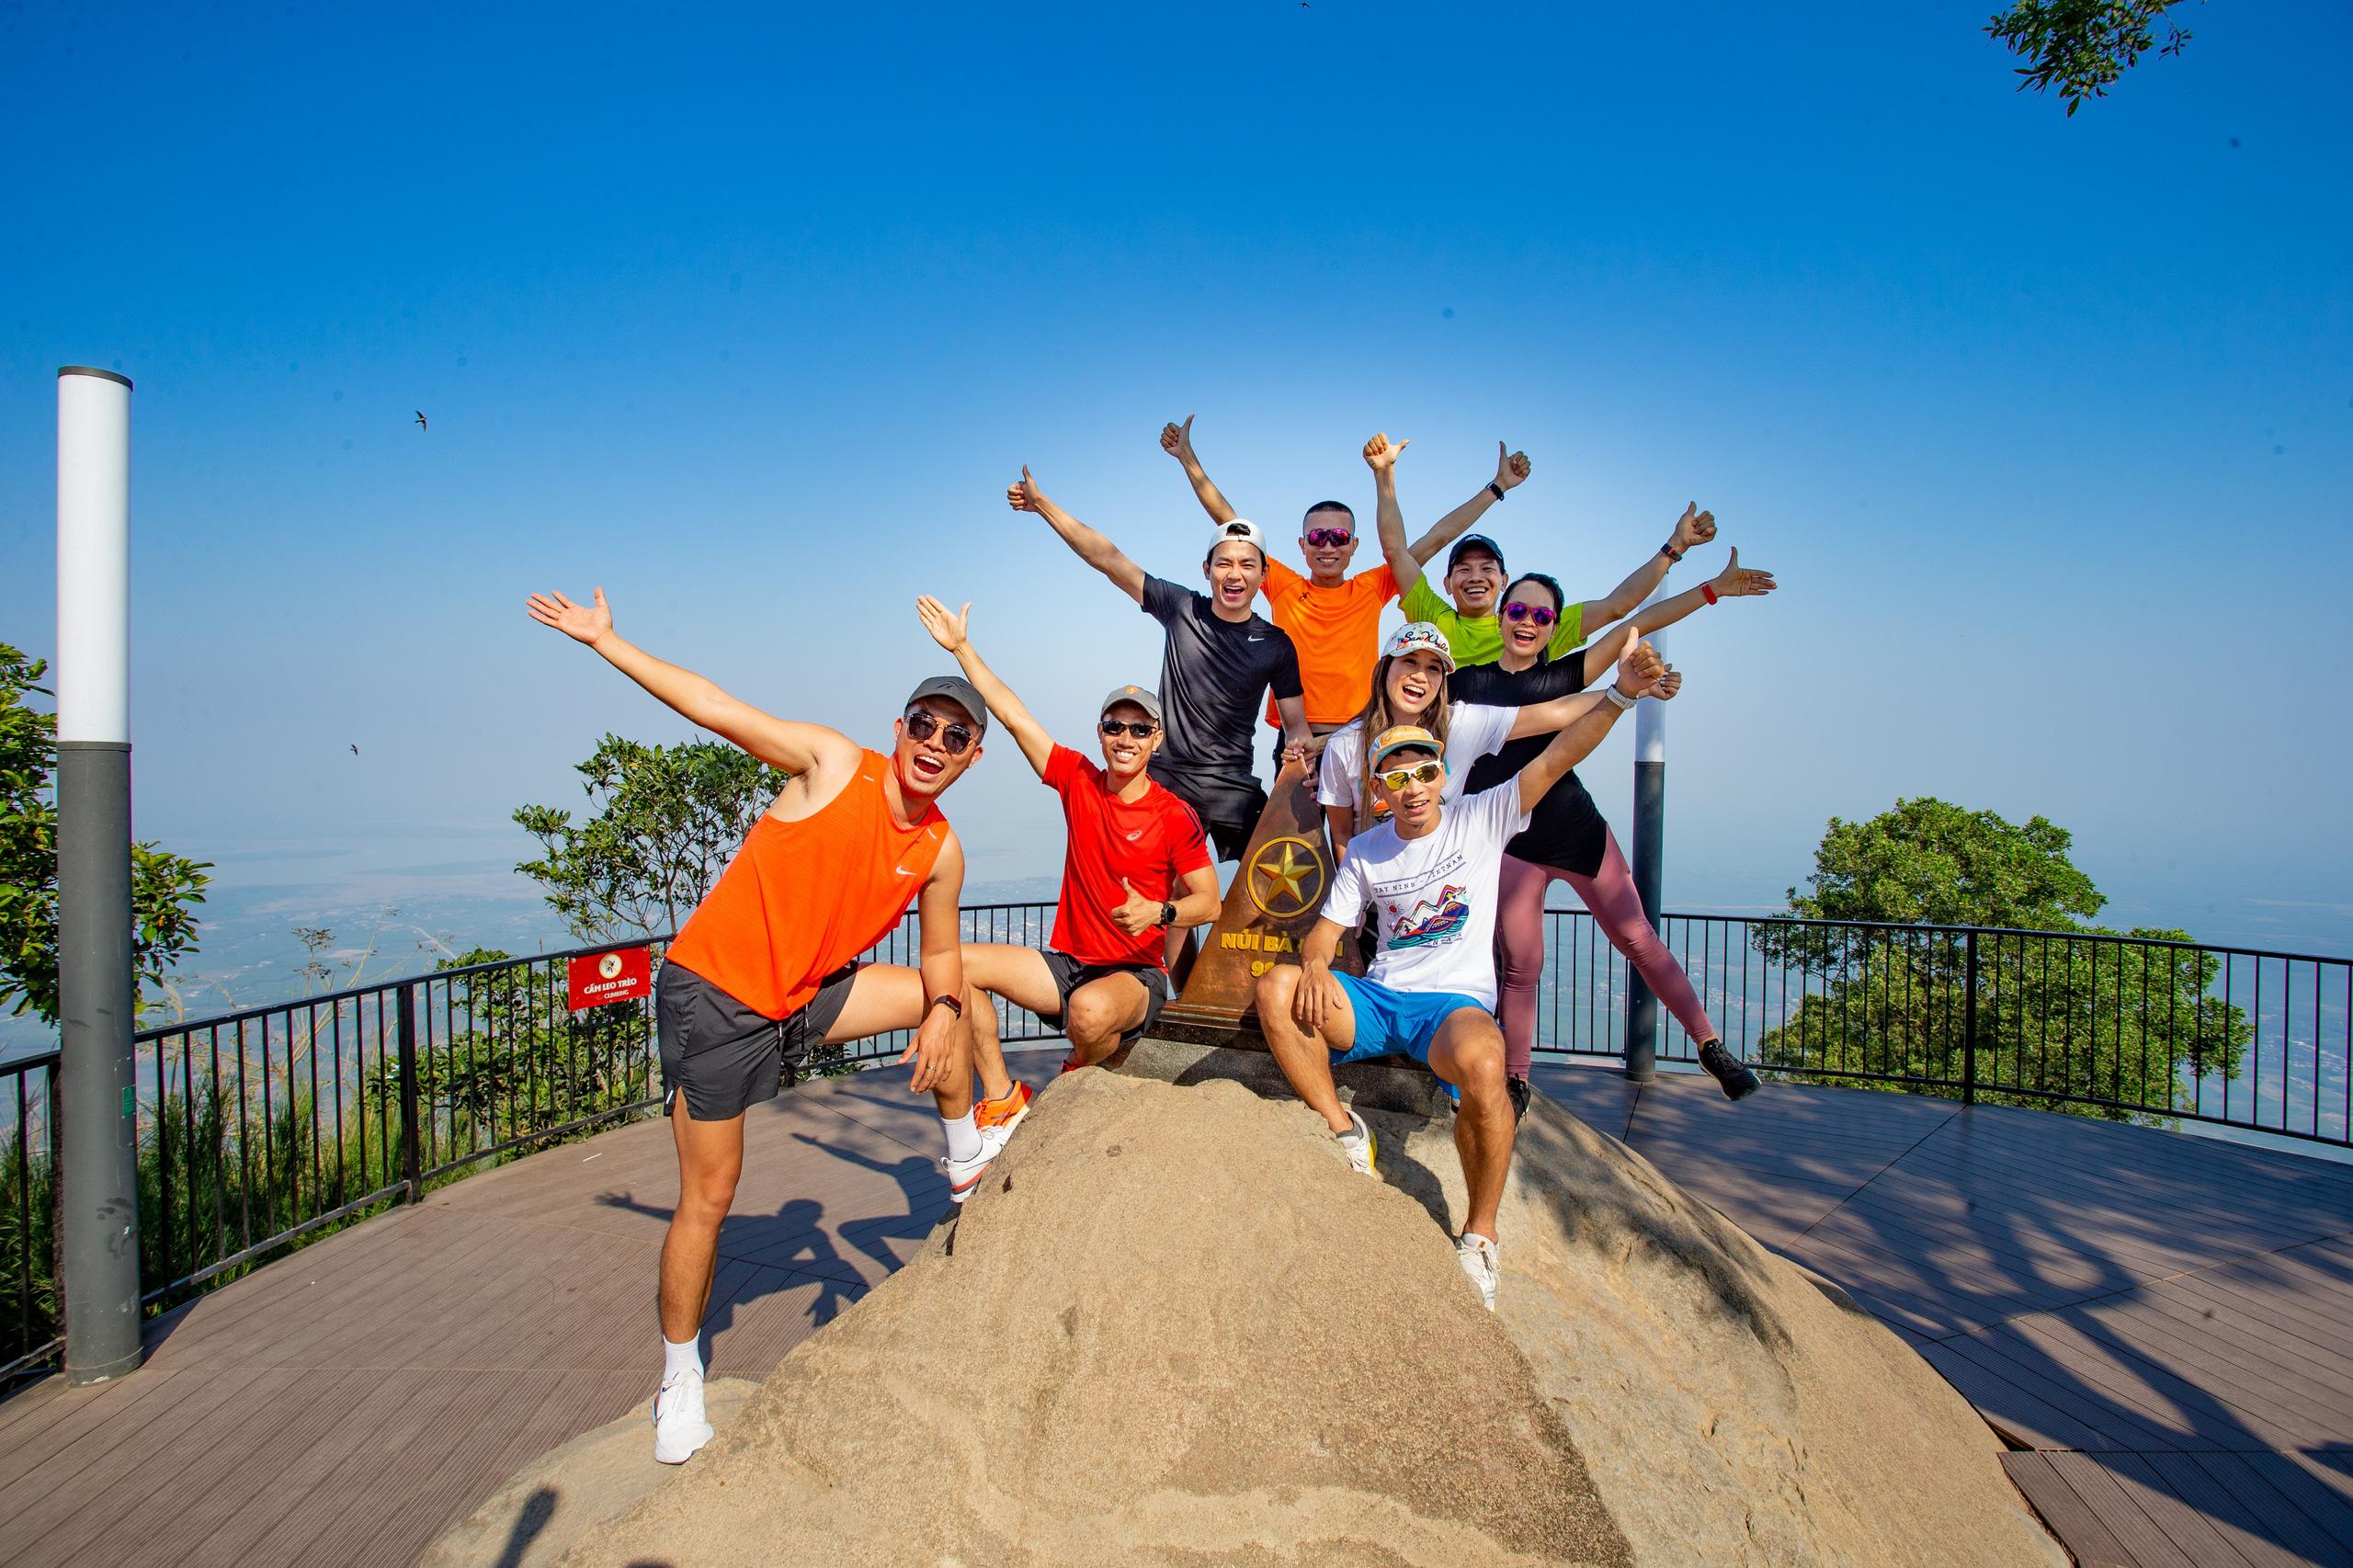 Tây Ninh: Lần đầu tiên tổ chức giải marathon khám phá núi Bà Đen - Ảnh 3.